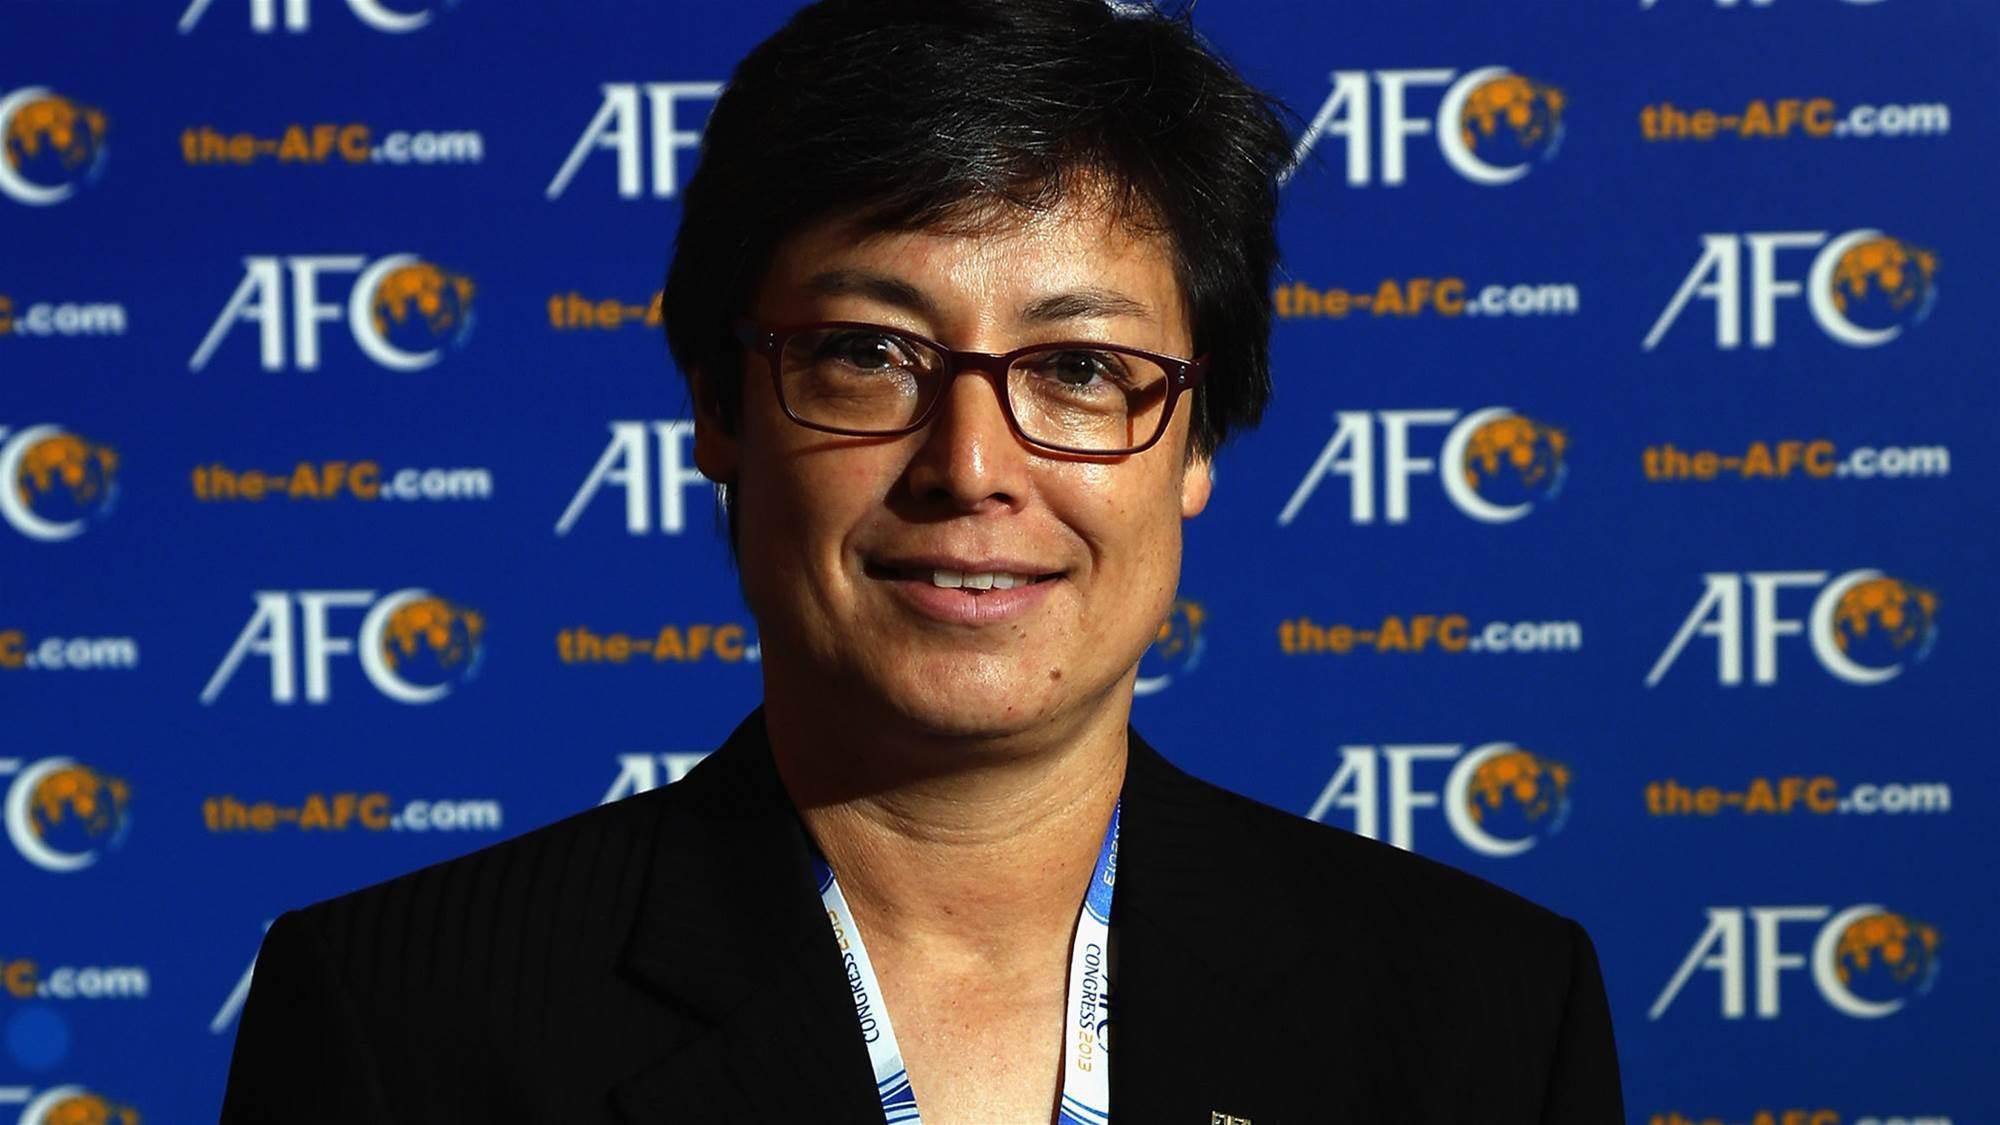 Dodd loses FIFA spot